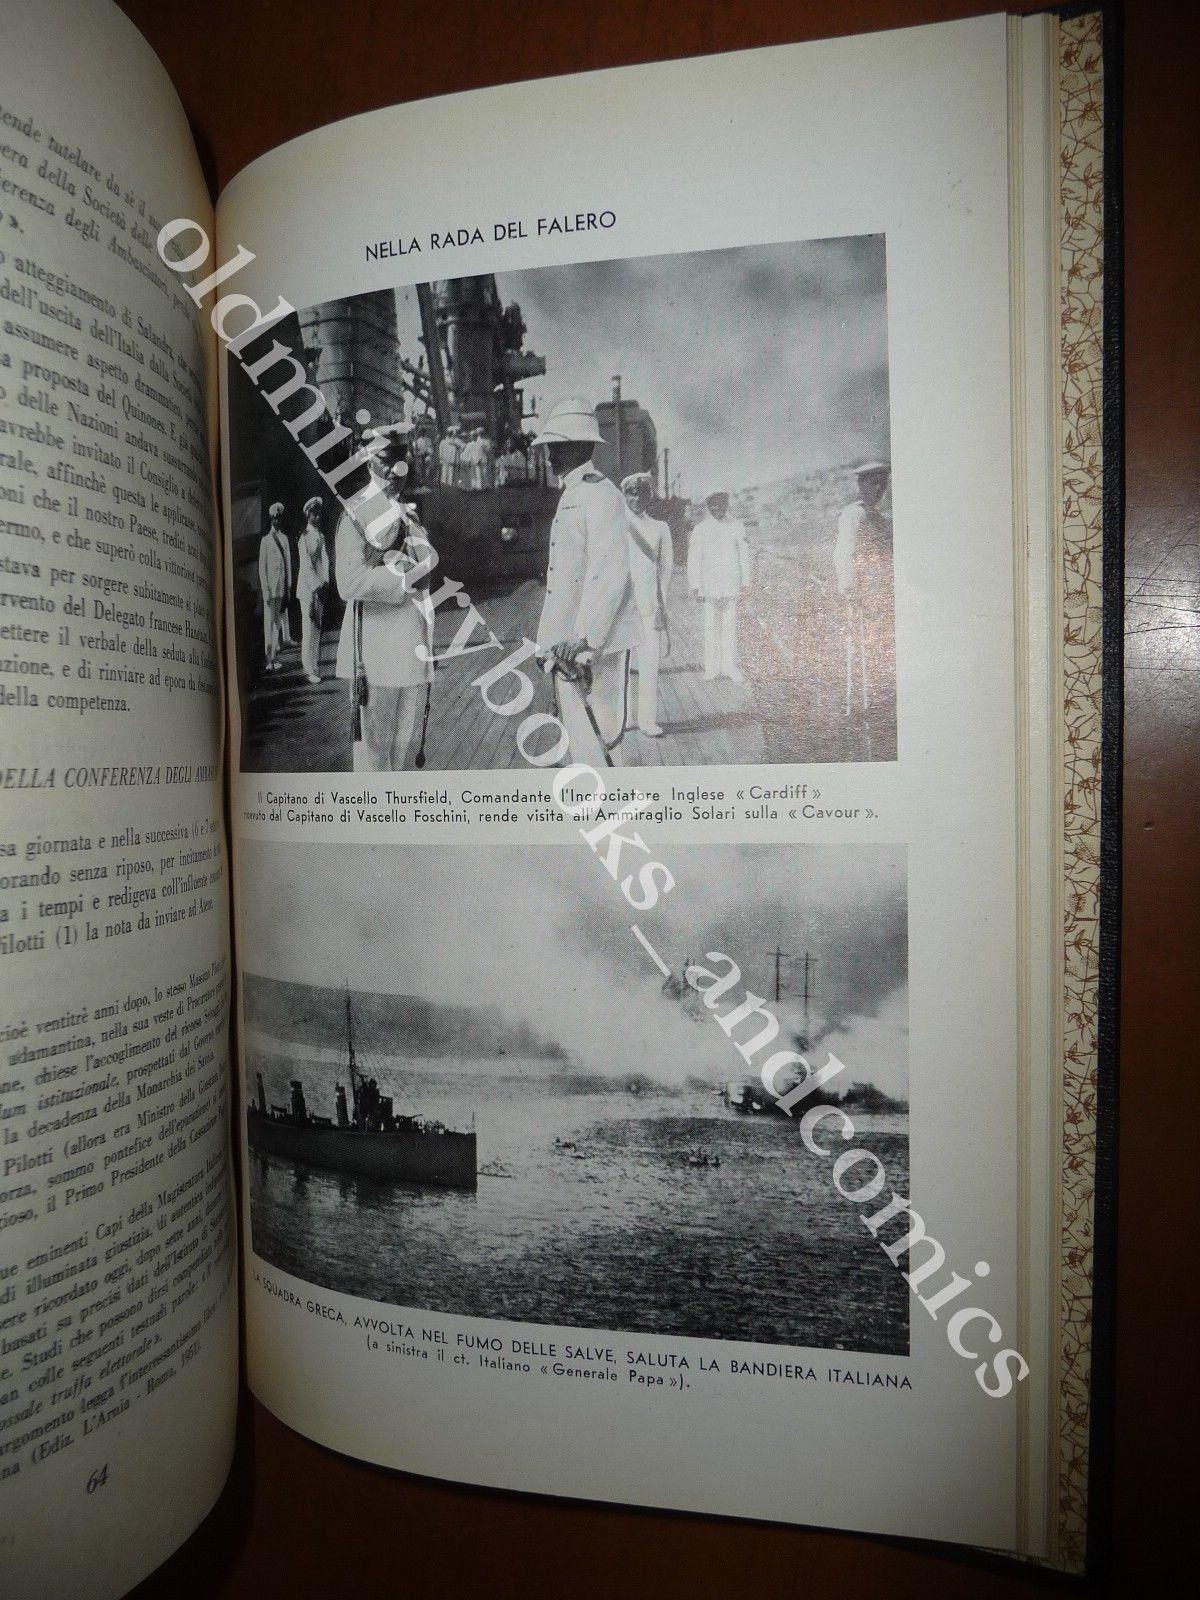 LA VERITA' SULLE CANNONATE DI CORFU' ANTONIO FOSCHINI 1953 MARINA GIANNINA 1923